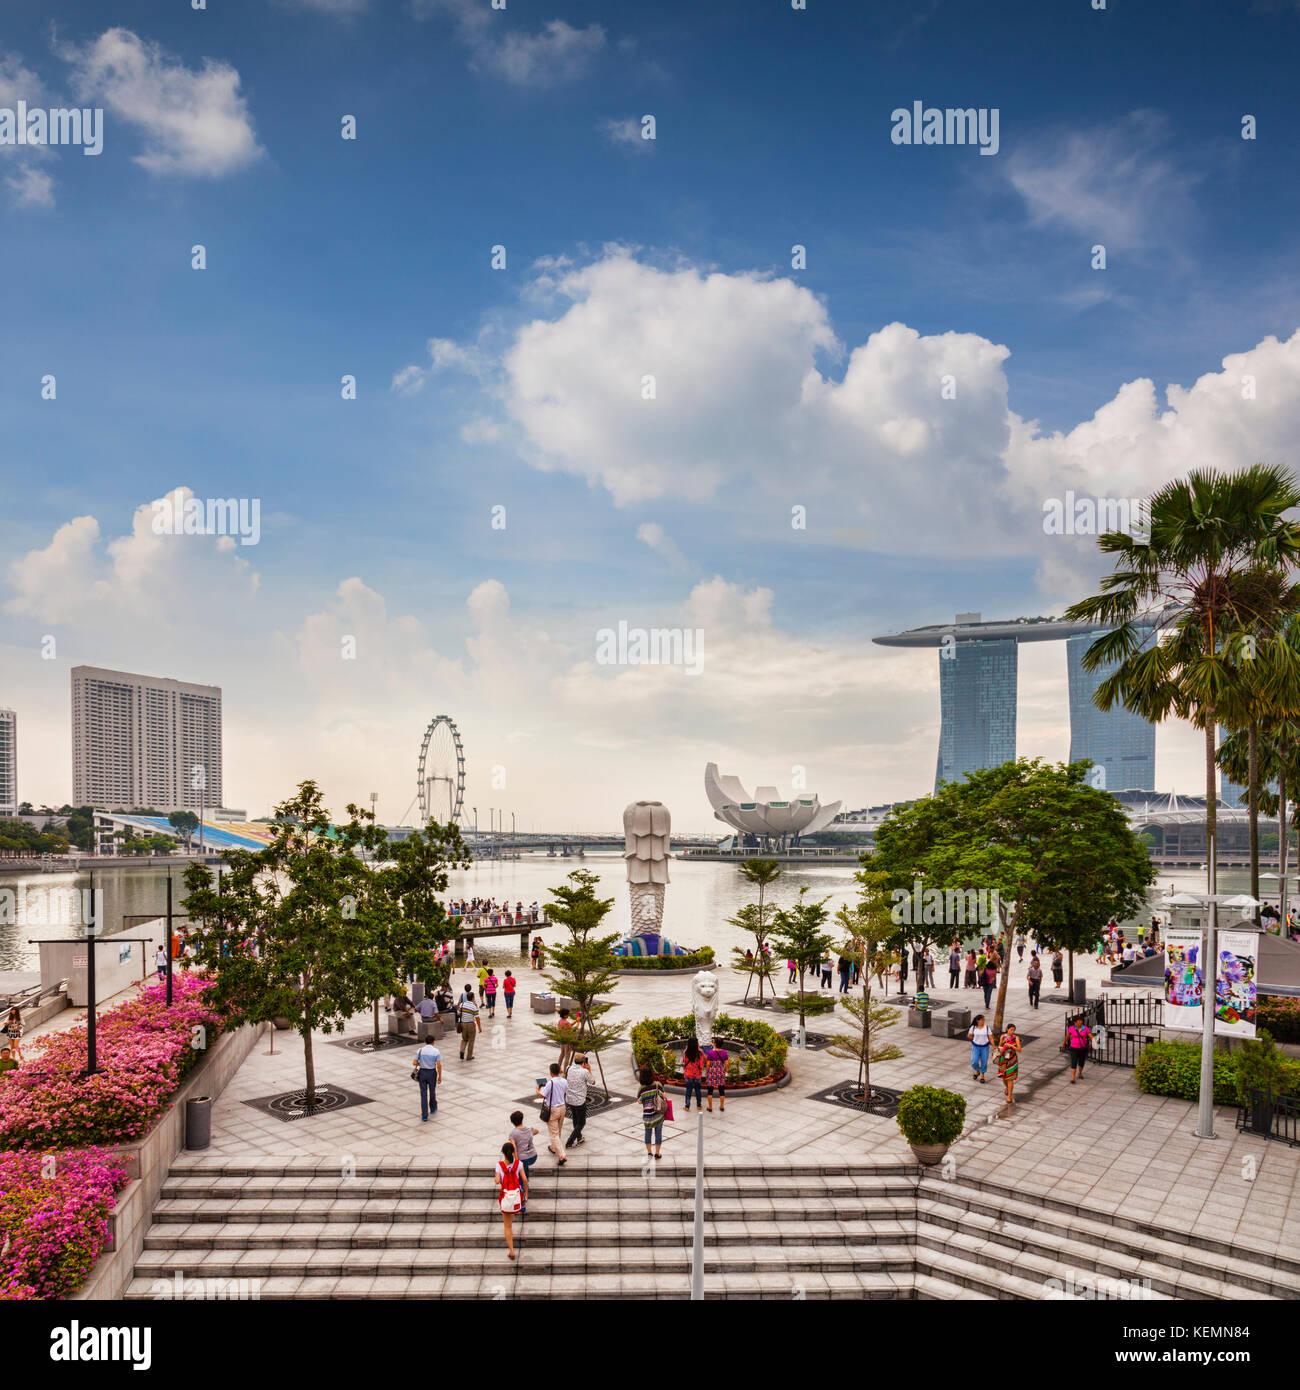 Les touristes près du Merlion et face à certaines des principales attractions touristiques de Singapour Photo Stock